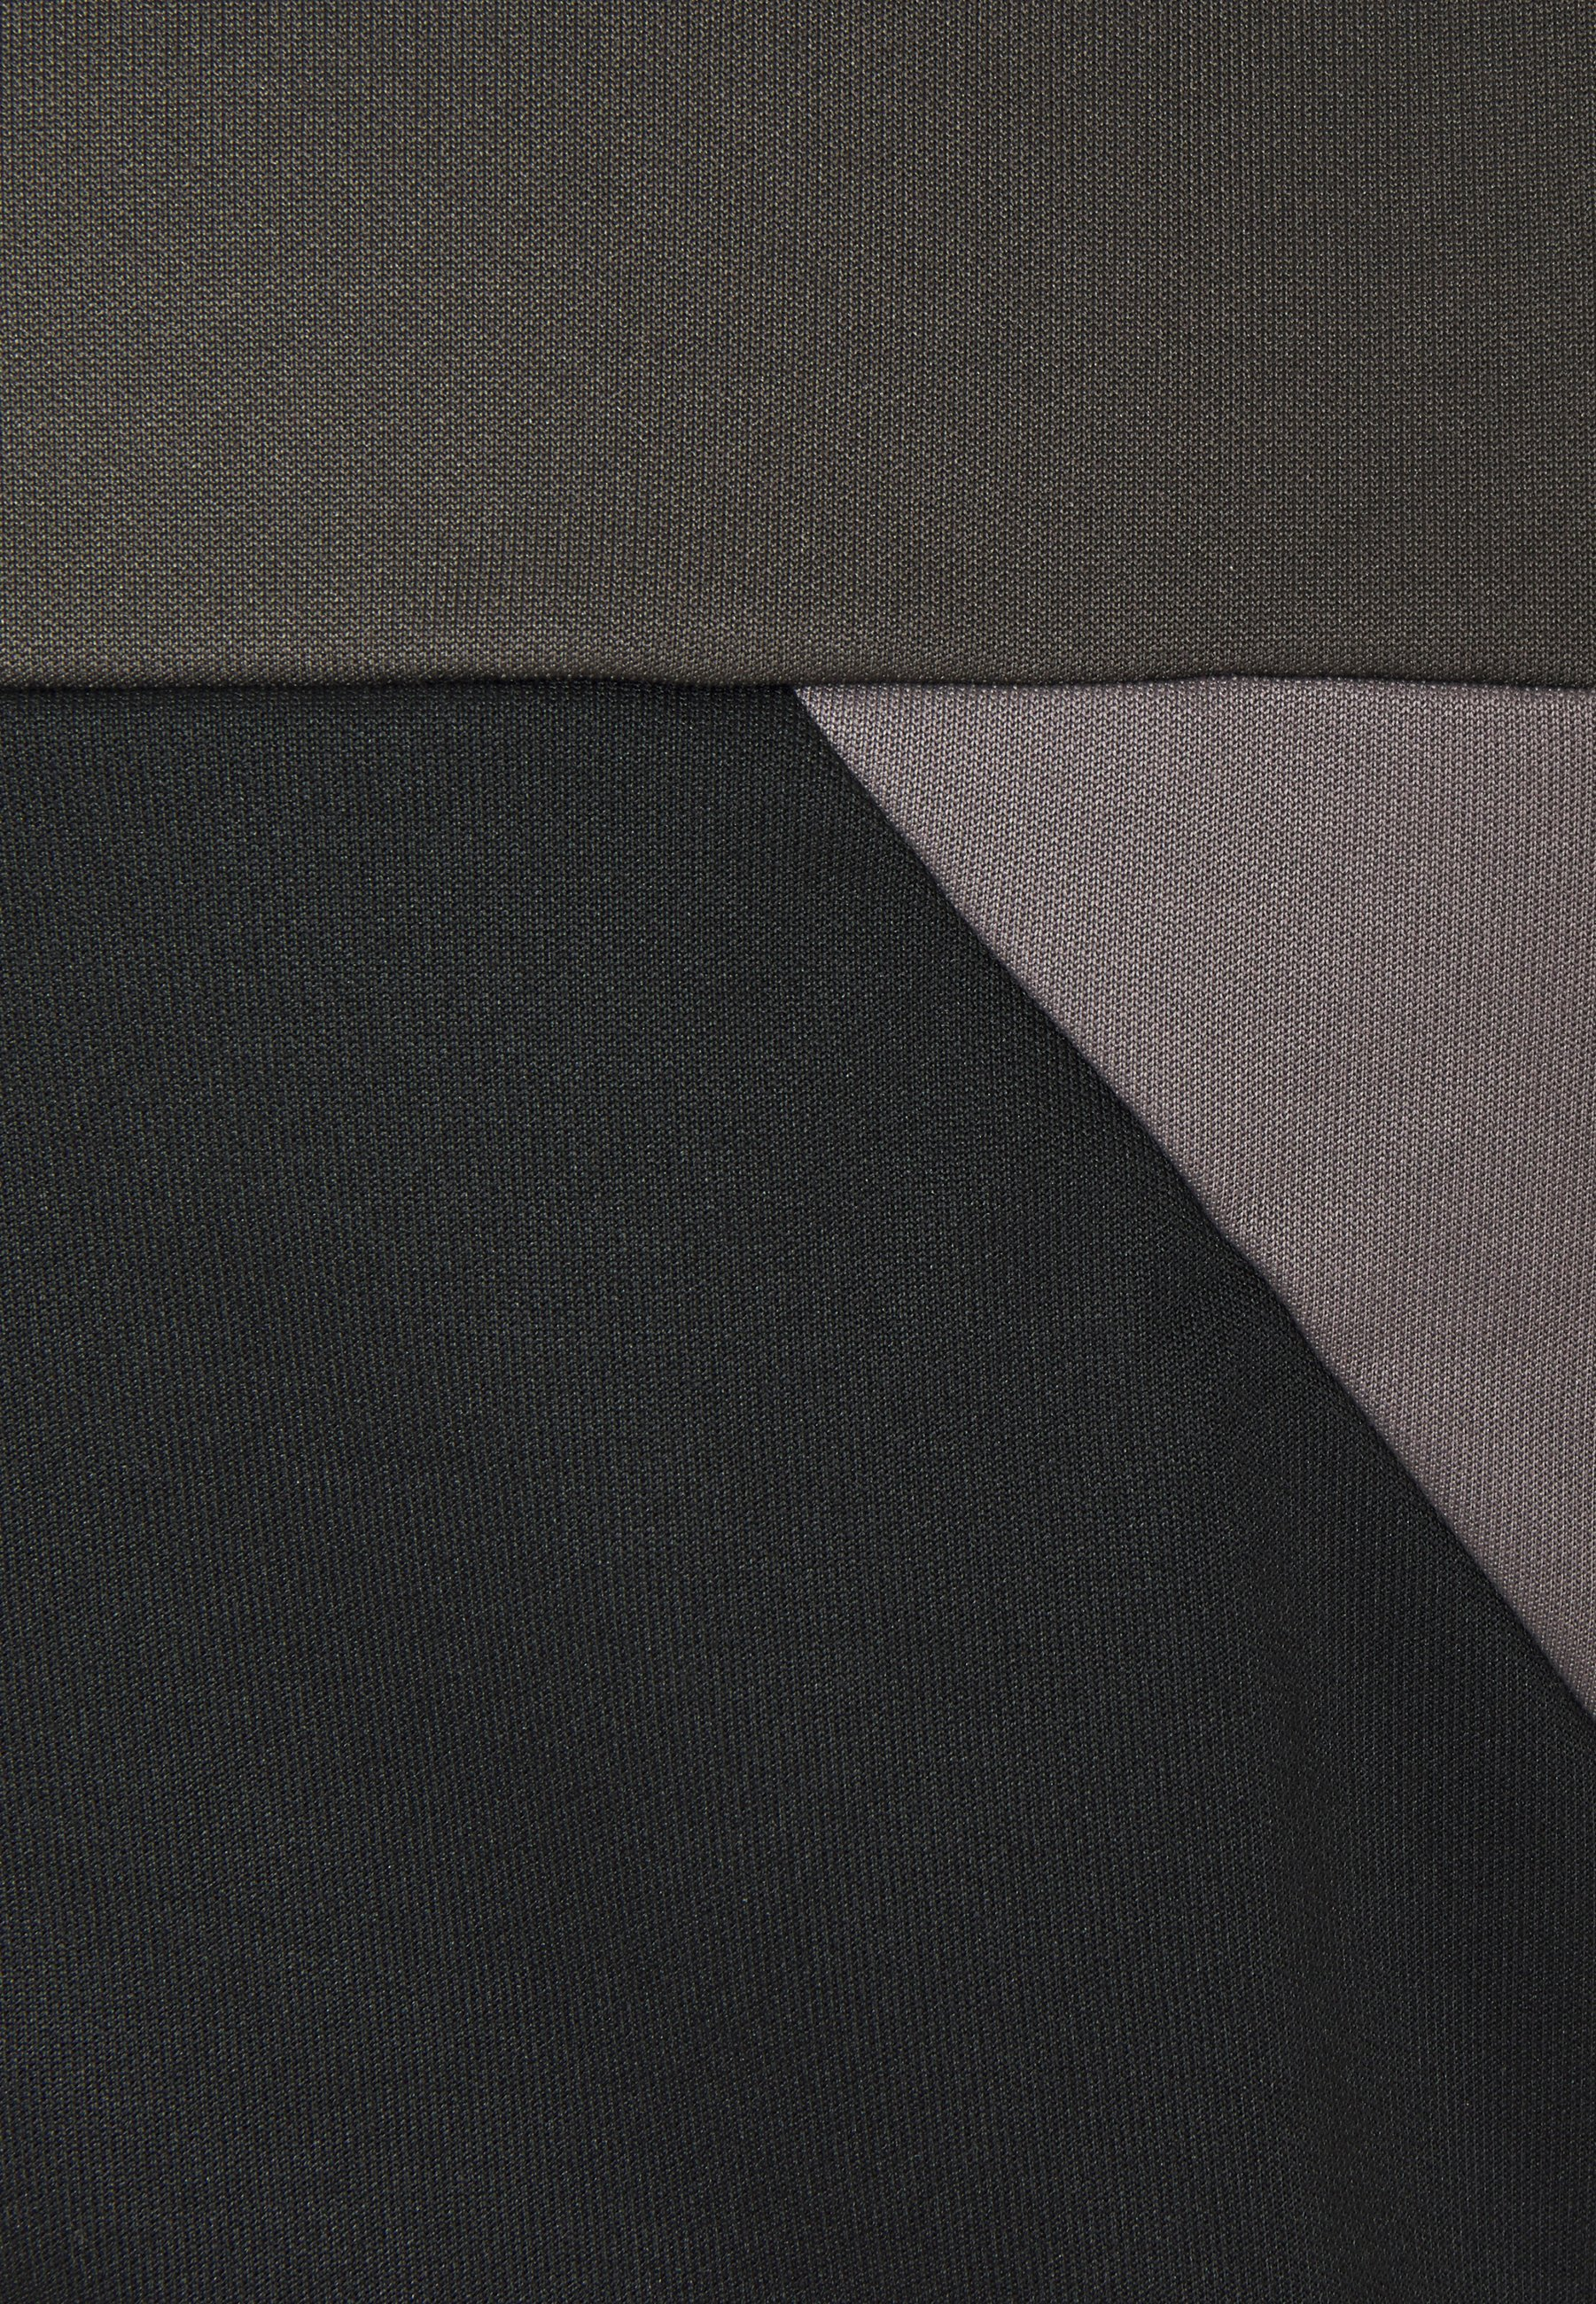 Lyle & Scott Trio Geo Panel Zipthrough - Hettejakke Raven Jet Black/mørkegrønn